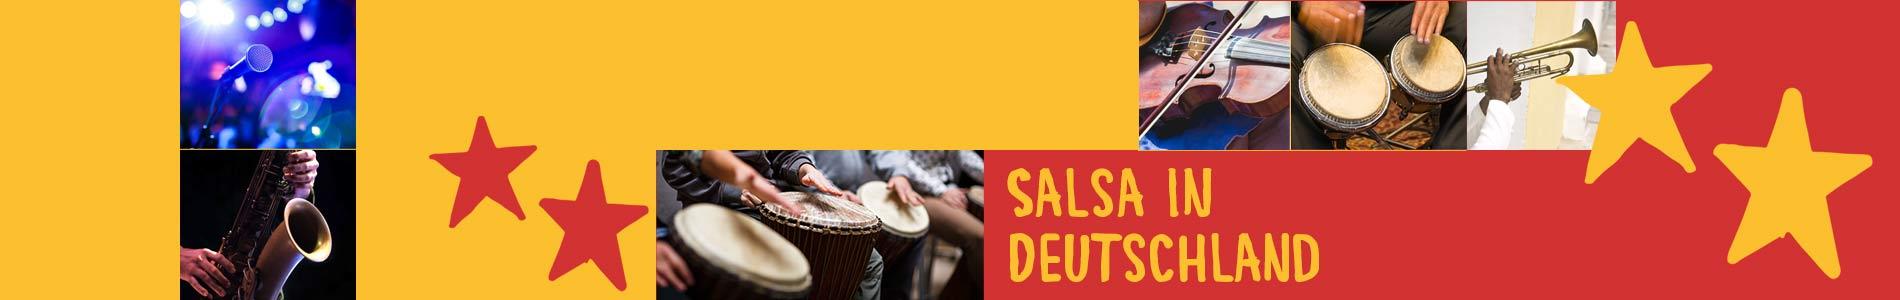 Salsa in Deiningen – Salsa lernen und tanzen, Tanzkurse, Partys, Veranstaltungen